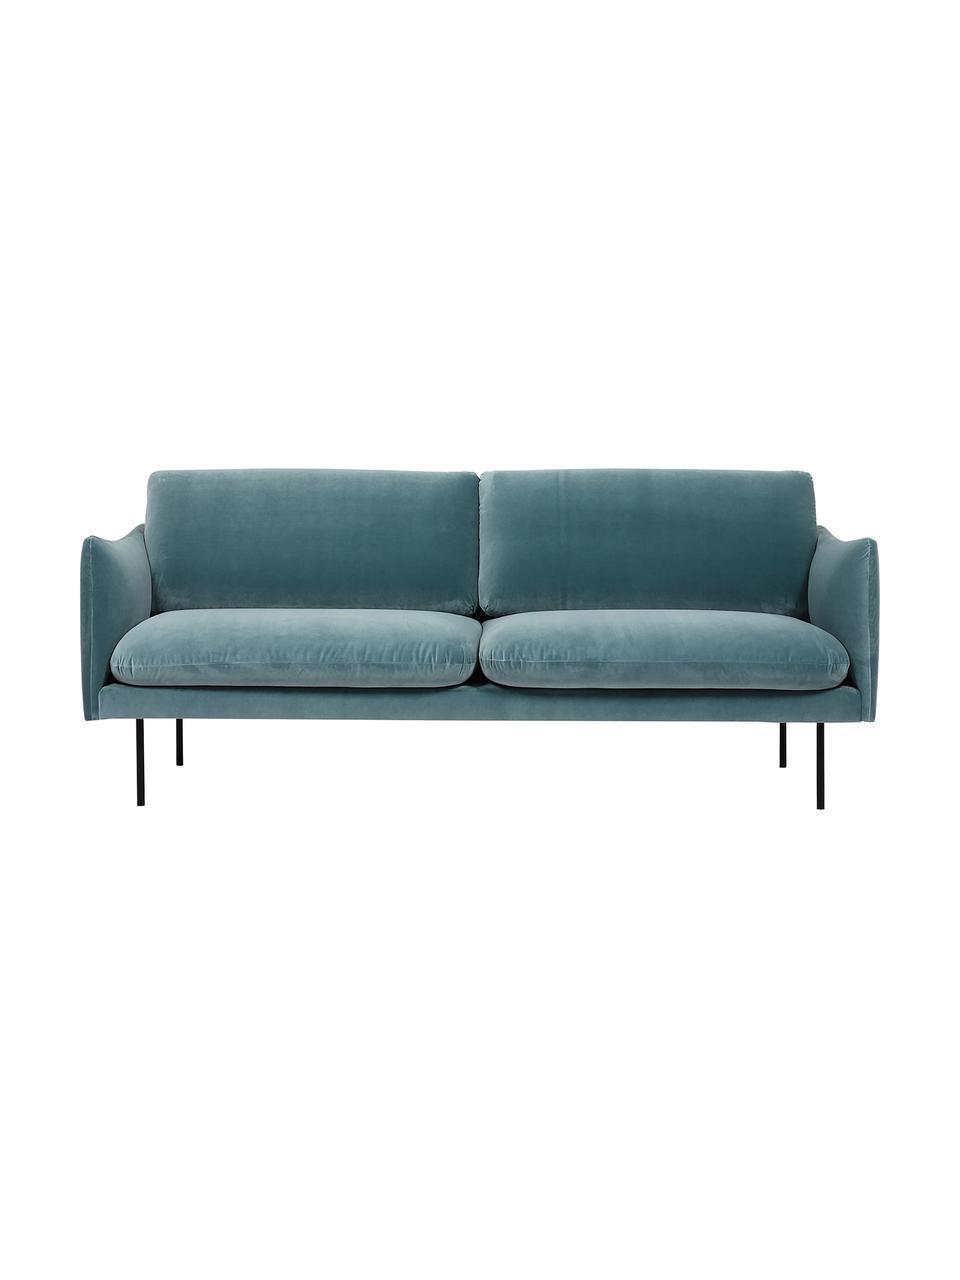 Fluwelen bank Moby (2-zits) in turquoise met metalen poten, Bekleding: geweven stof (polyester), Frame: massief grenenhout, Poten: gelakt metaal, Turquoise, B 170 x D 95 cm